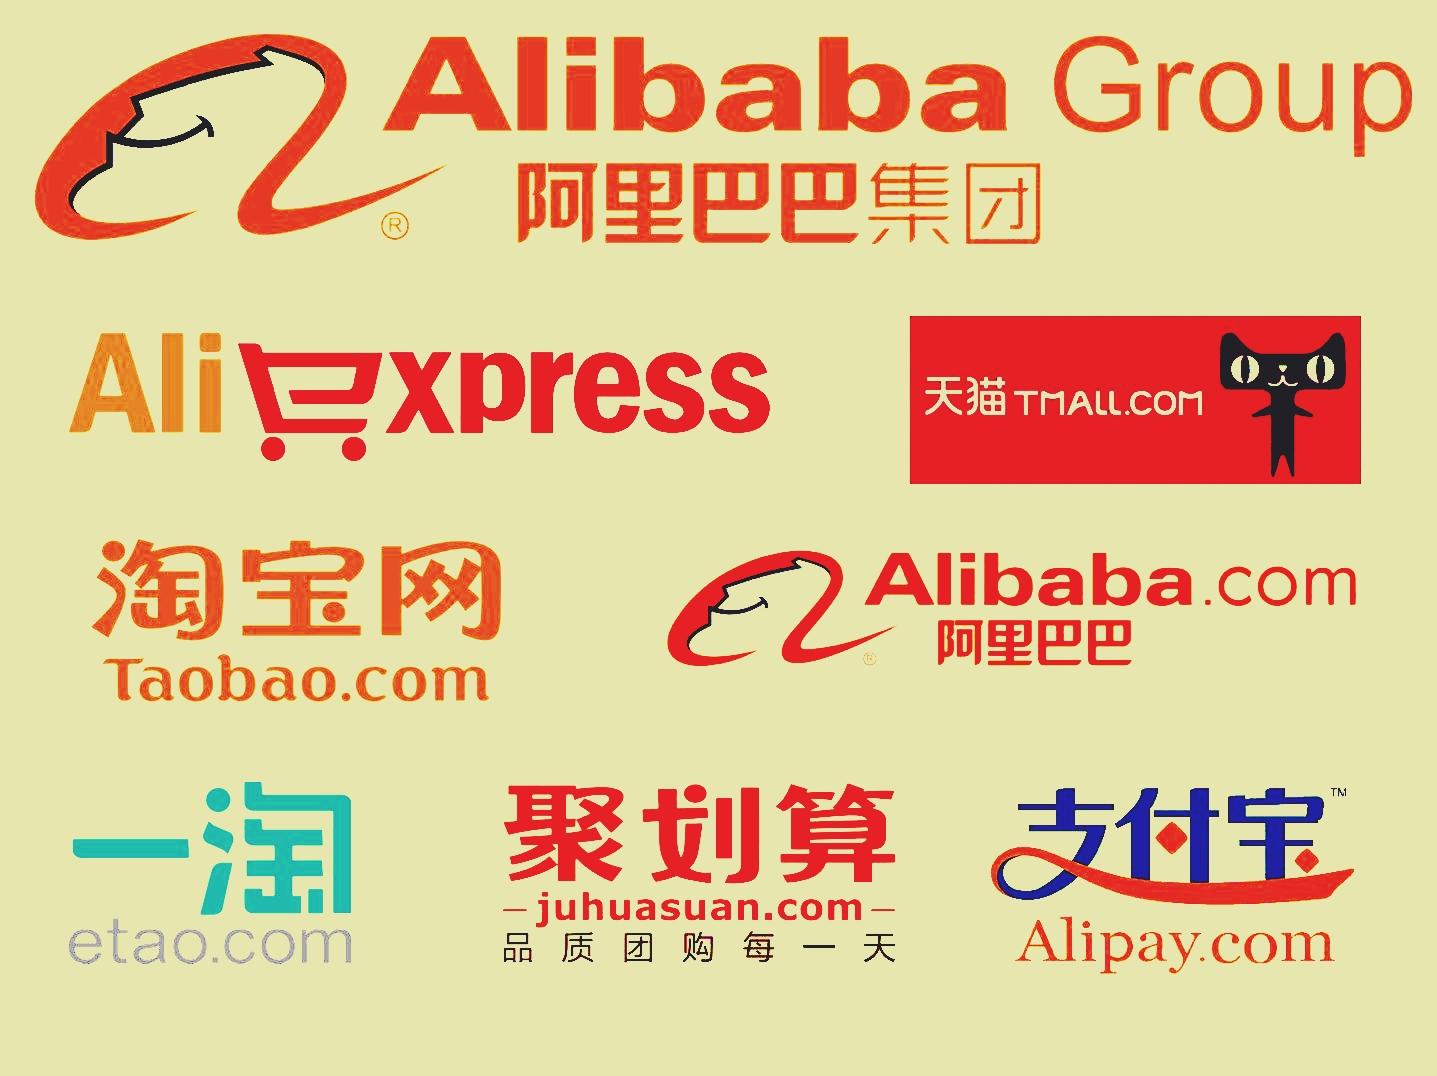 Come guadagna Alibaba